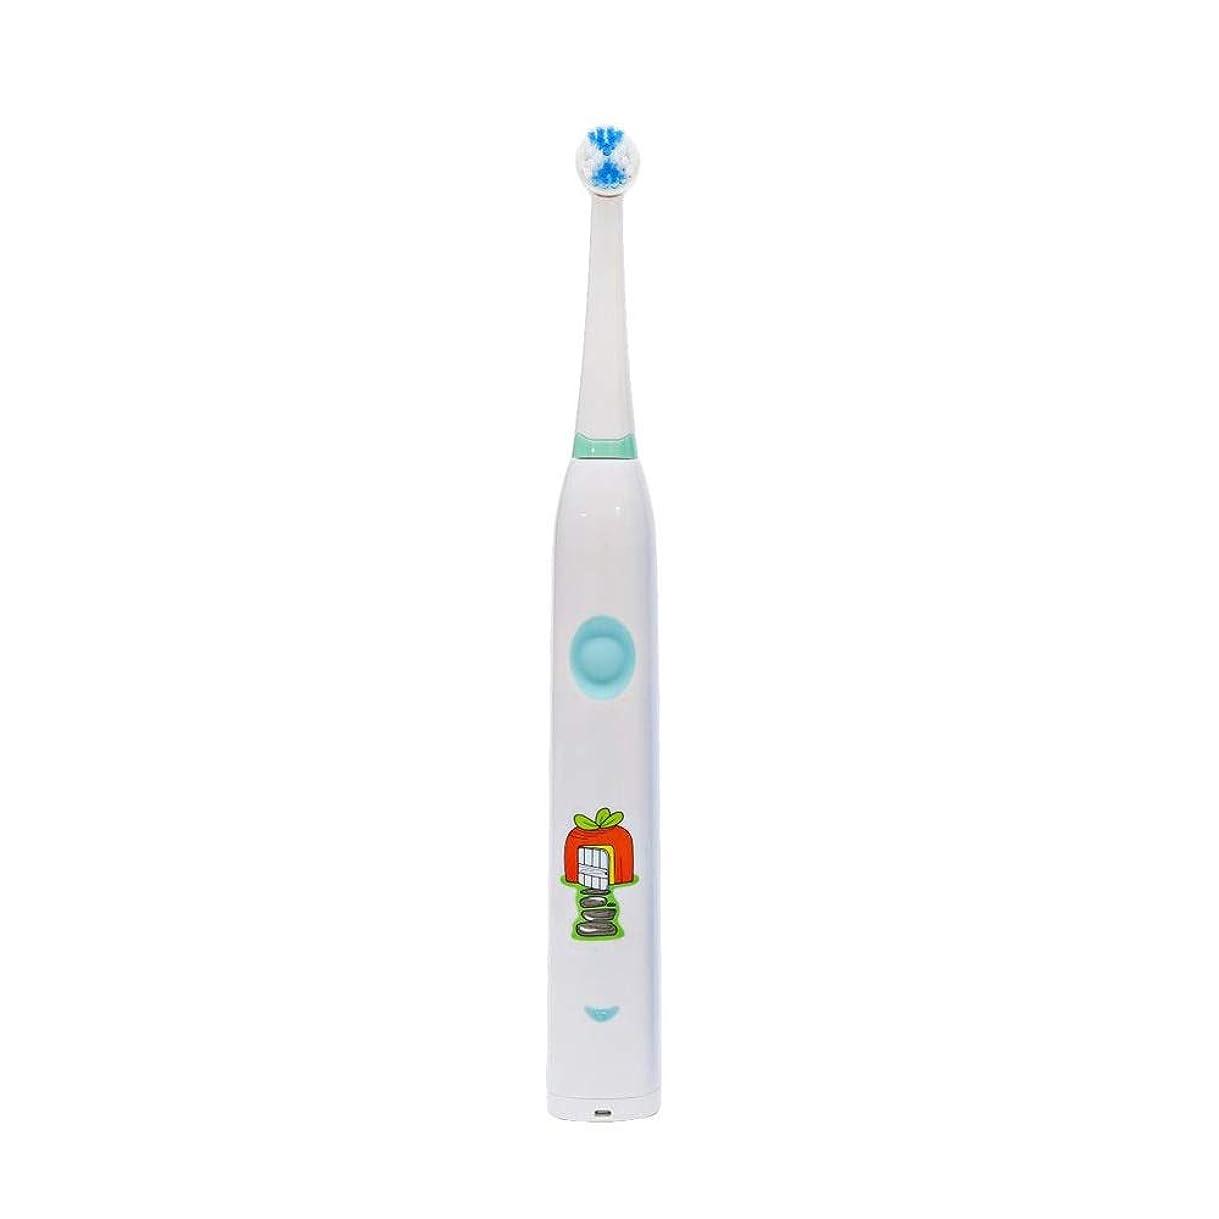 イデオロギー考古学者横たわる電動歯ブラシ 子供の電動歯ブラシかわいいUSB充電式歯ブラシ、毎日の使用 大人と子供向け (色 : 白, サイズ : Free size)